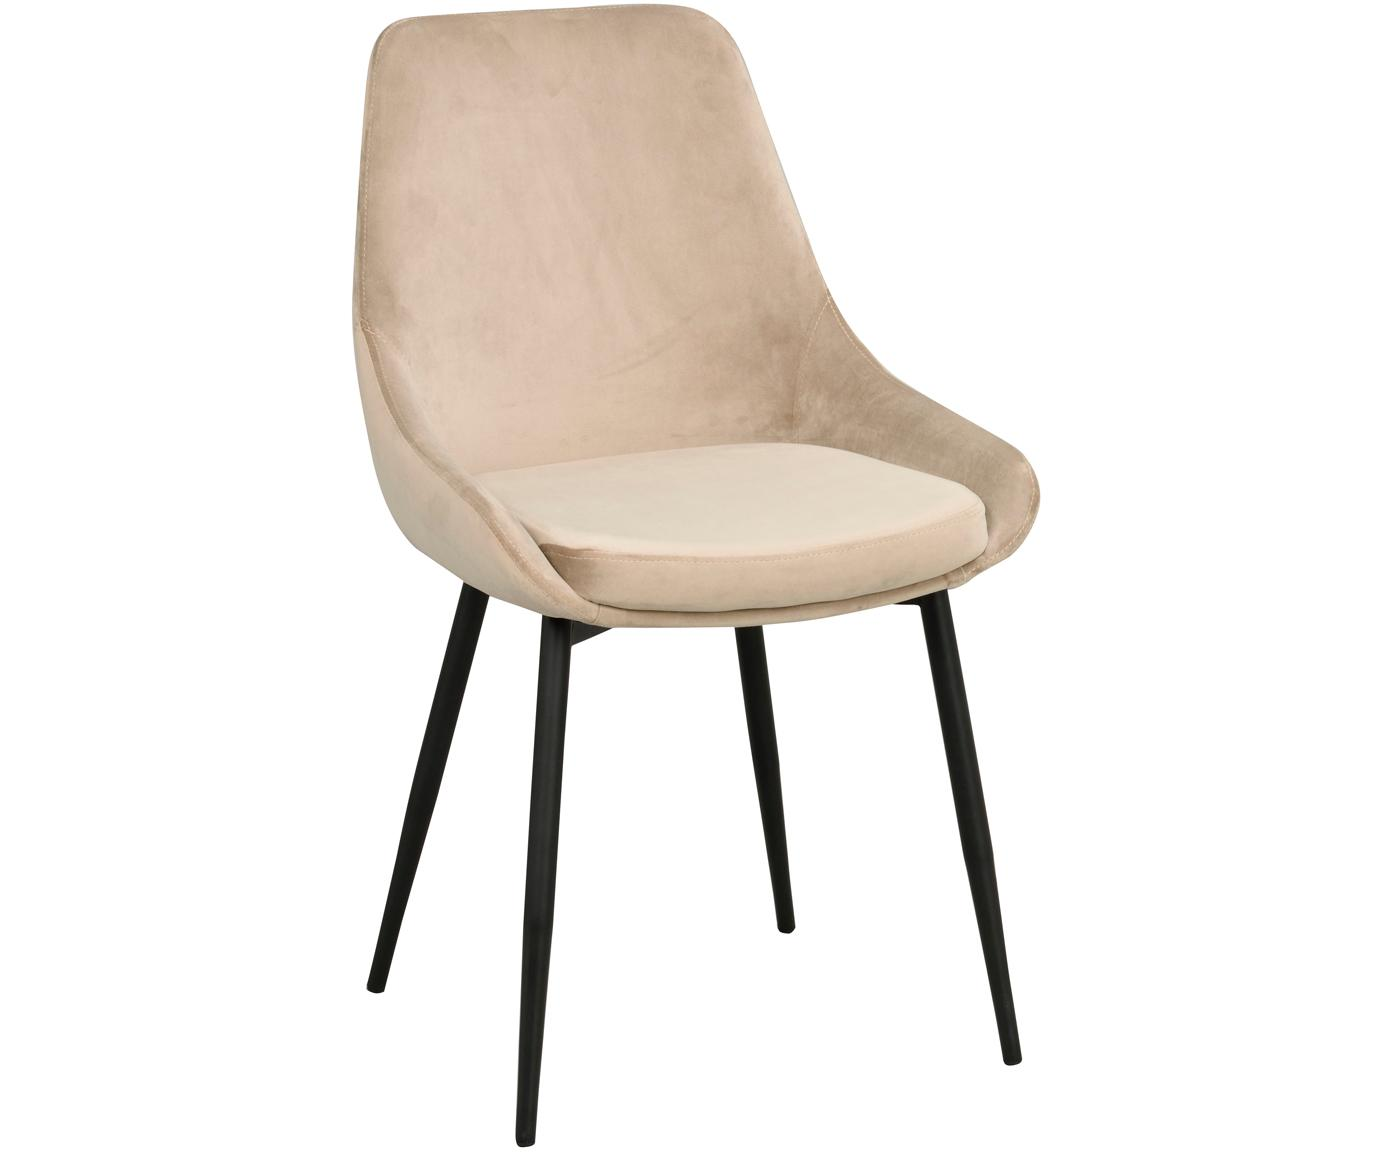 Krzesło tapicerowane z aksamitu Sierra, 2 szt., Tapicerka: aksamit poliestrowy 1000, Nogi: metal lakierowany, Beżowy, czarny, S 49 x G 55 cm